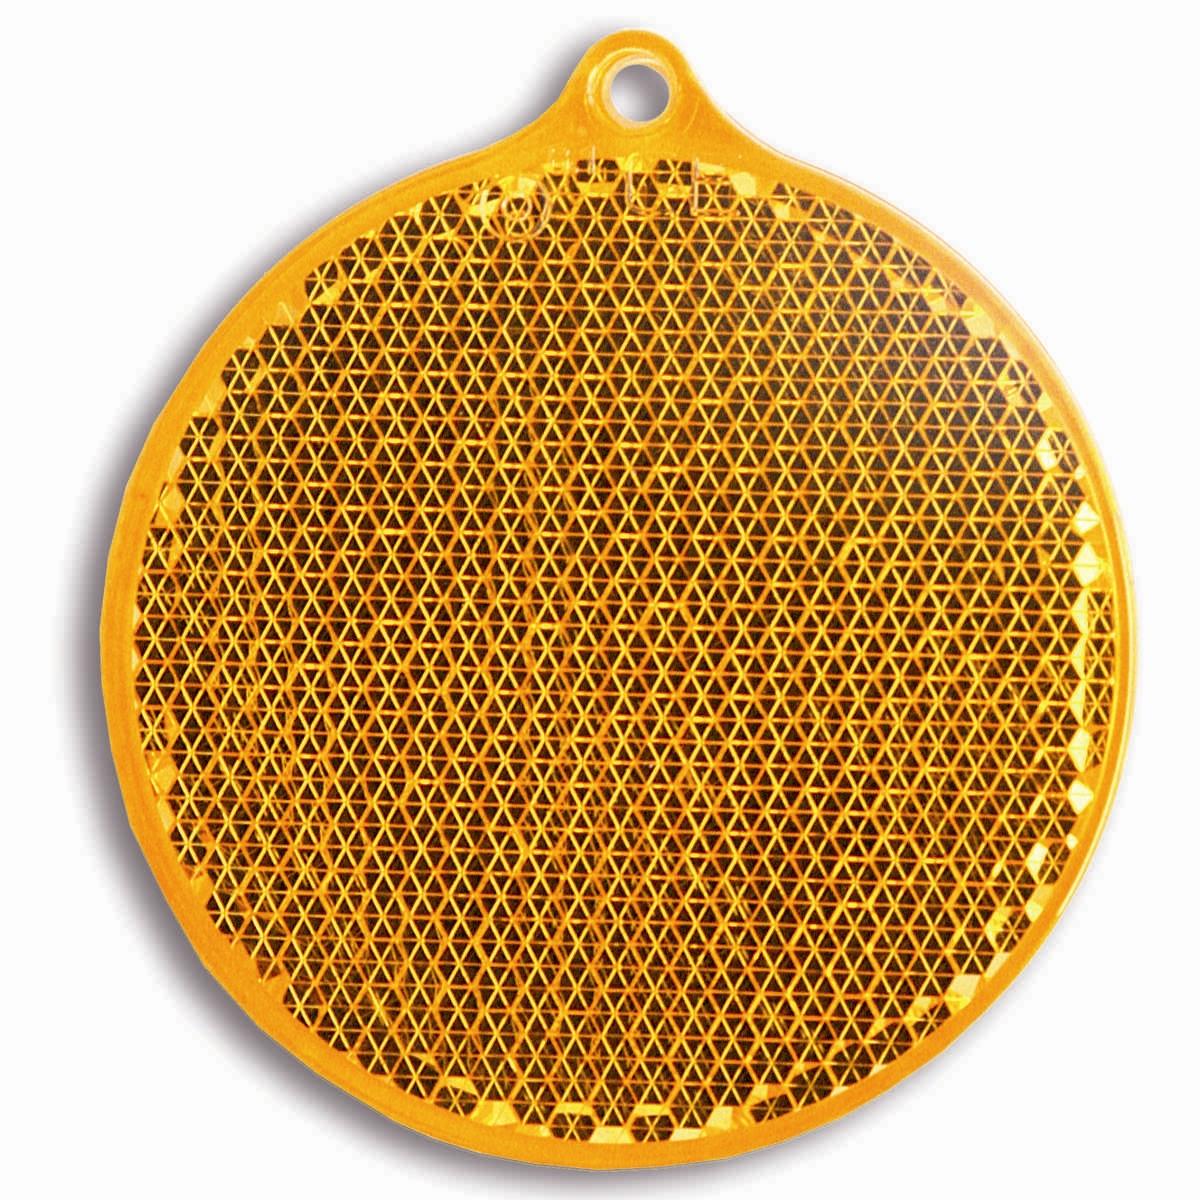 Светоотражатель пешеходный Coreflect Круг, цвет: оранжевыйVT-1520(SR)Пешеходный светоотражатель — это серьезное средство безопасности на дороге. Использование светоотражателей позволяет в десятки раз сократить количество ДТП с участием пешеходов в темное время суток. Светоотражатель крепится на одежду и обладает способностью к направленному отражению светового потока. Благодаря такому отражению, водитель может вовремя заметить пешехода в темноте, даже если он стоит или двигается по обочине. А значит, он успеет среагировать и избежит возможного столкновения. С 1 июля 2015 года ношение светоотражателей вне населенных пунктов является обязательным для пешеходов! Мы рекомендуем носить их и в городе! Для безопасности и сохранения жизни!